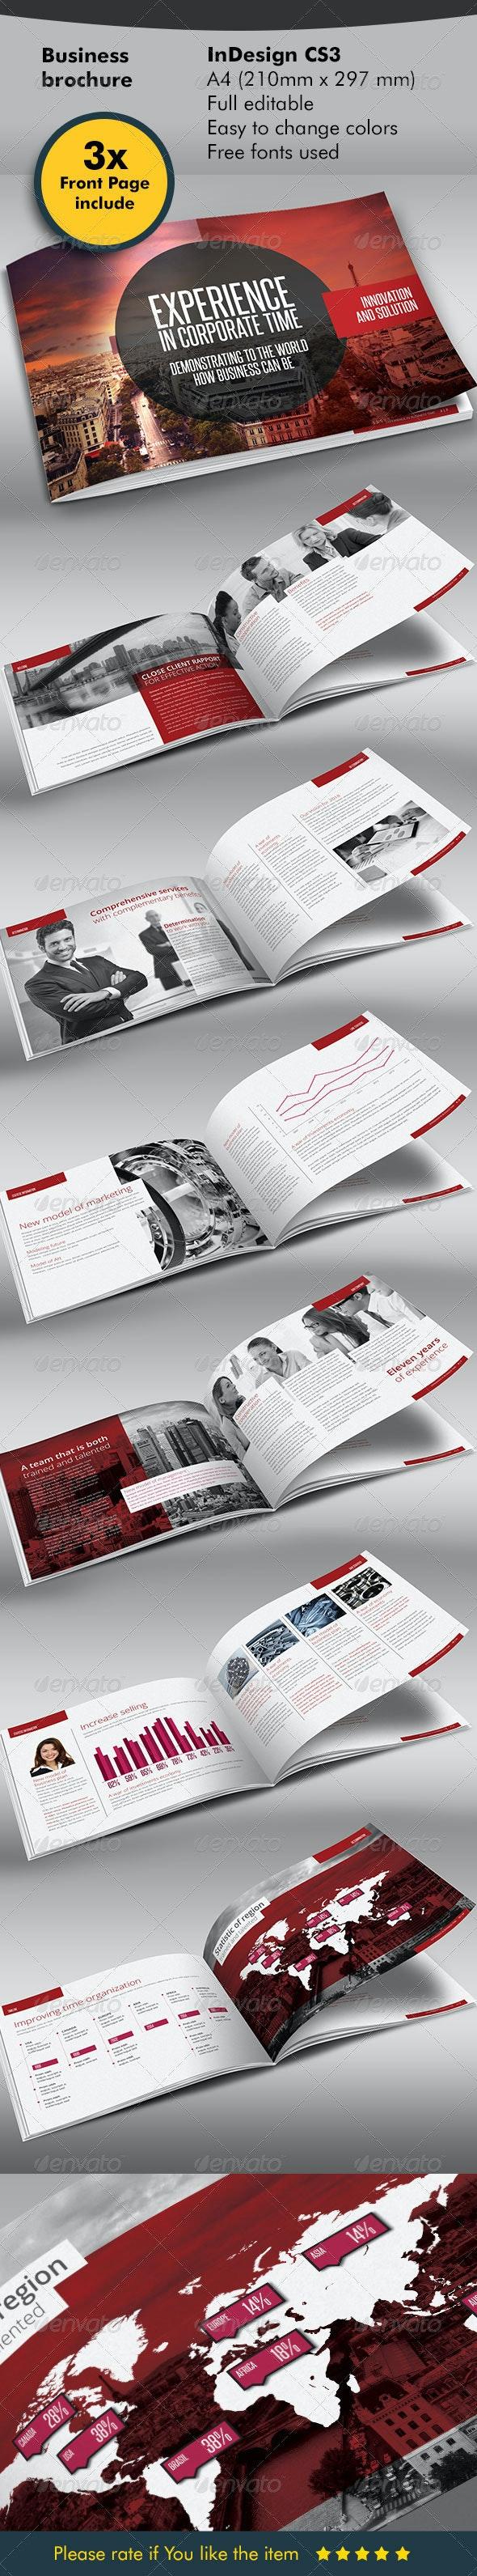 Red Black Design Brochure - Corporate Brochures